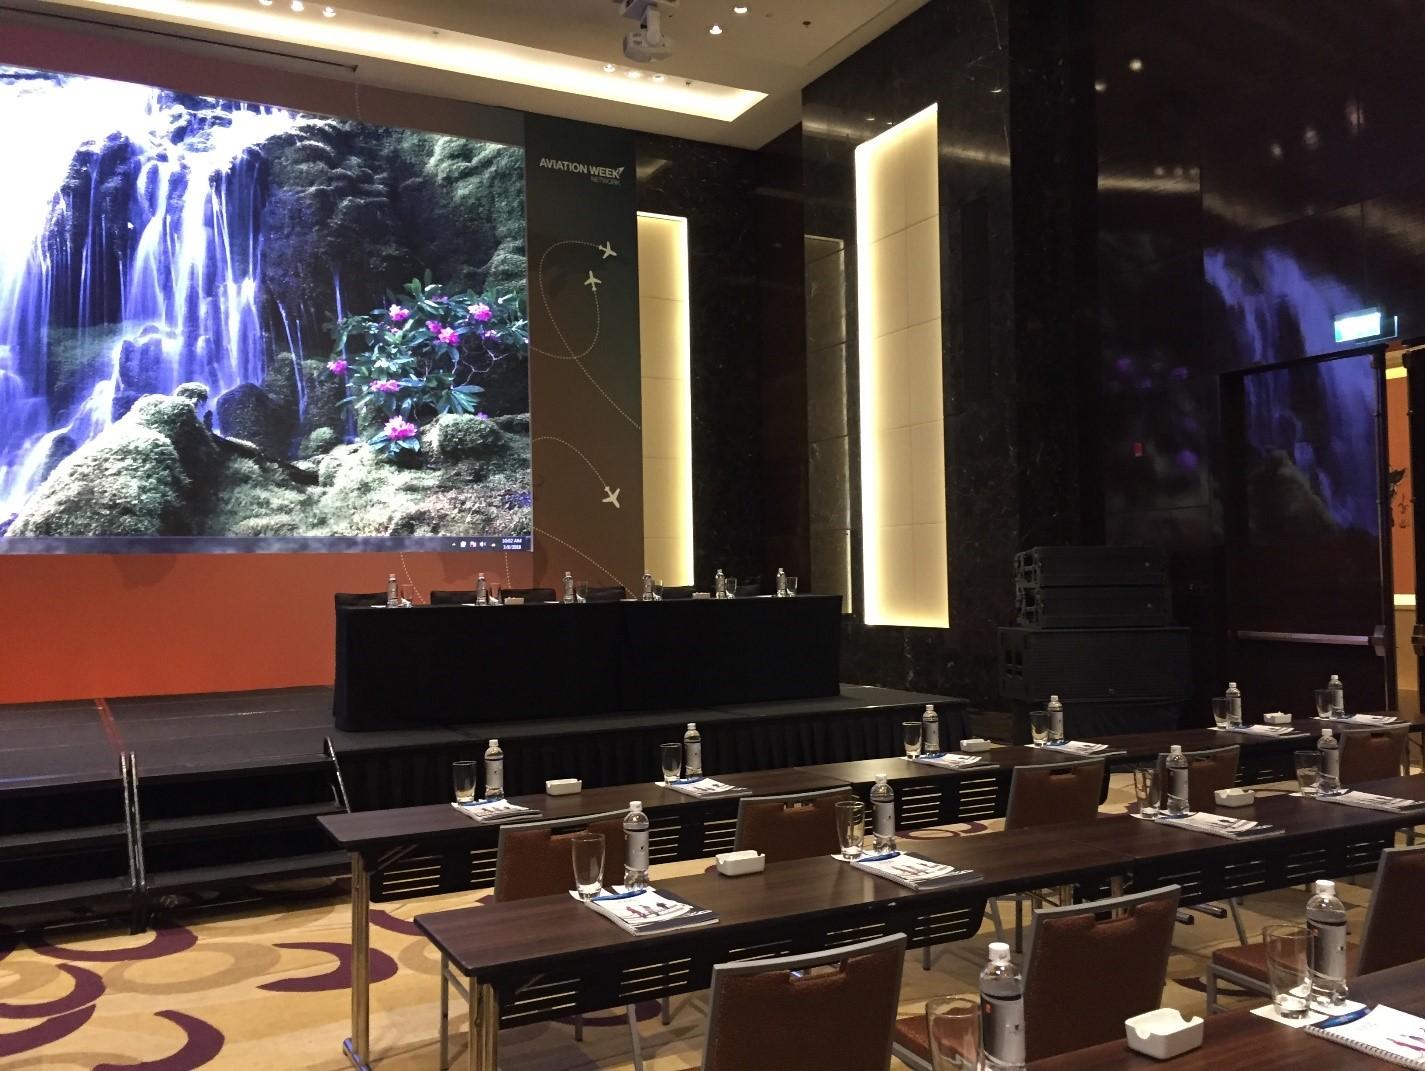 VEGA chuyên bán màn hình LED giá rẻ có chất lượng siêu bền